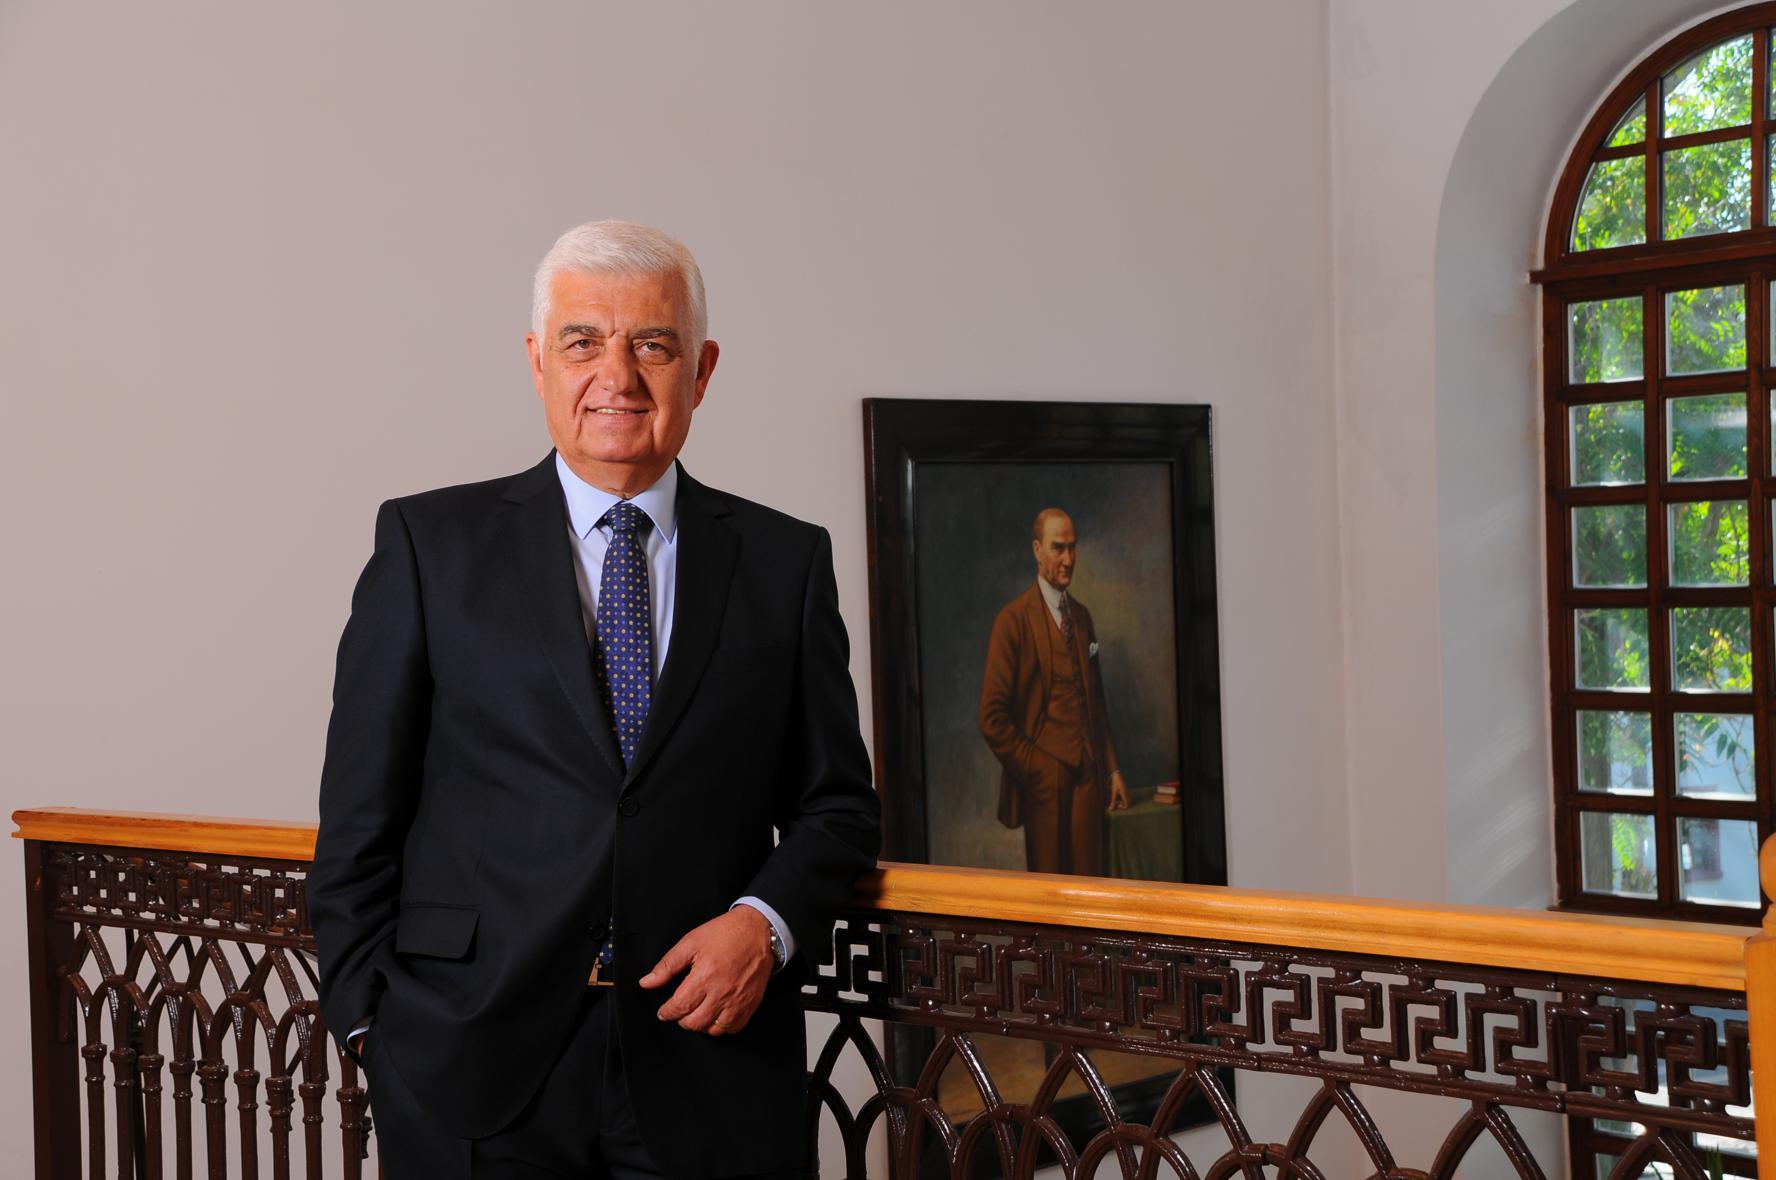 Muğla Büyükşehir Belediye Başkanı Osmen Gürün Lozan'ın 97. yılını kutladı